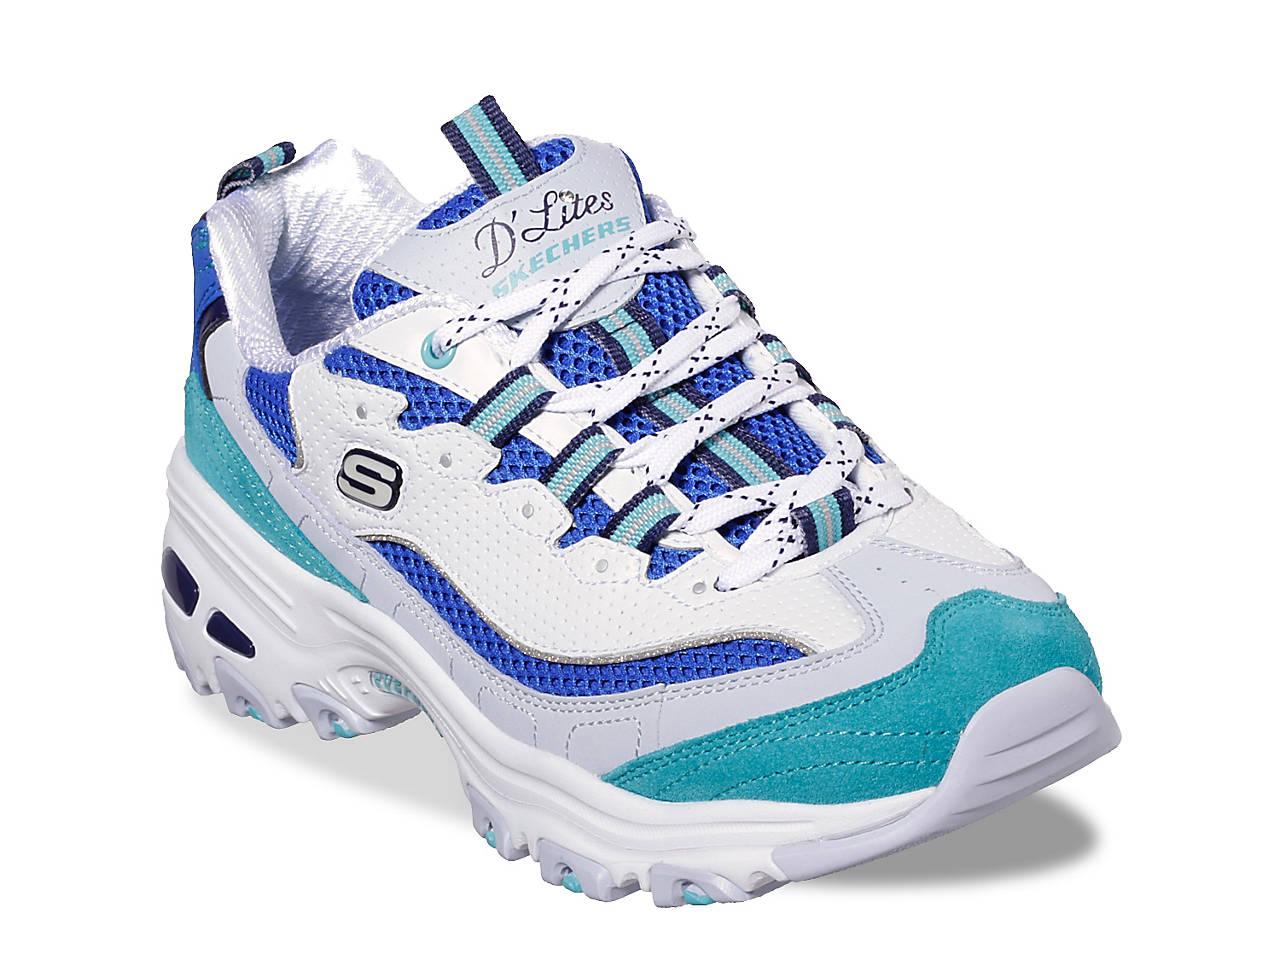 60e305aa95f Skechers D'Lites Second Chance Sneaker - Women's Women's Shoes   DSW